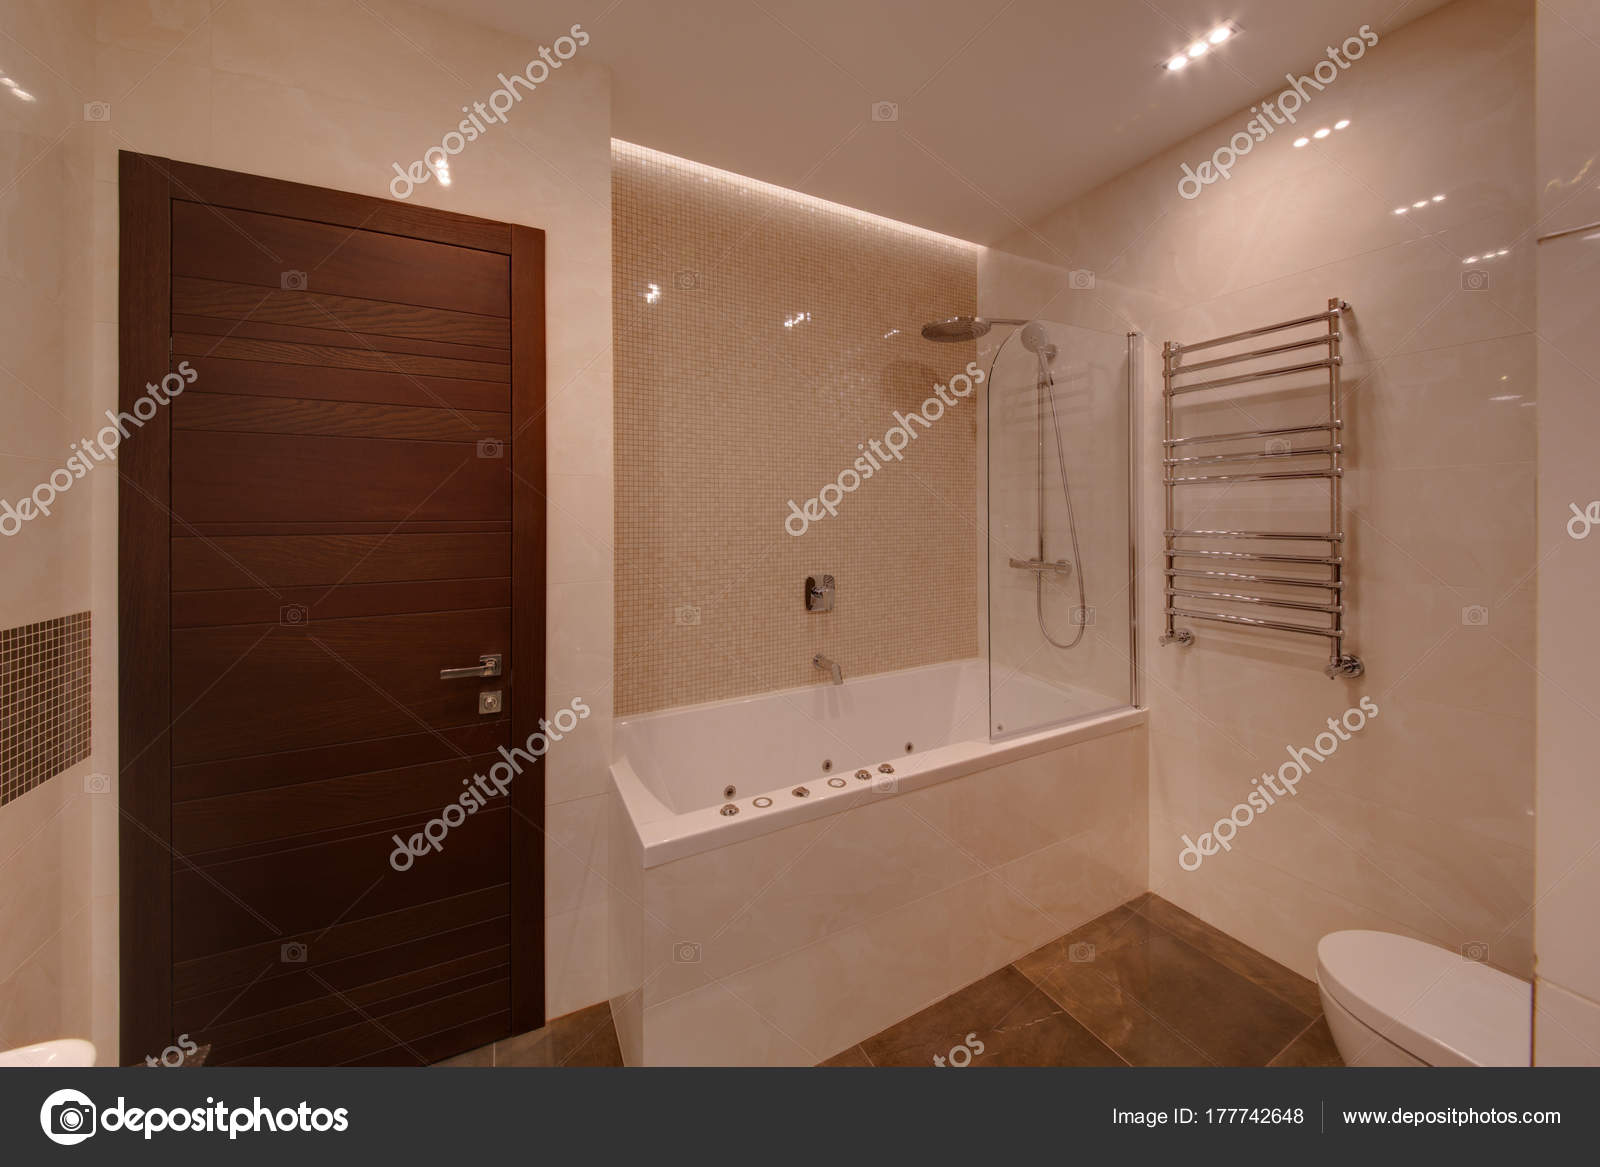 Een badkamer met een rechthoekige badkamer douche met een bruine